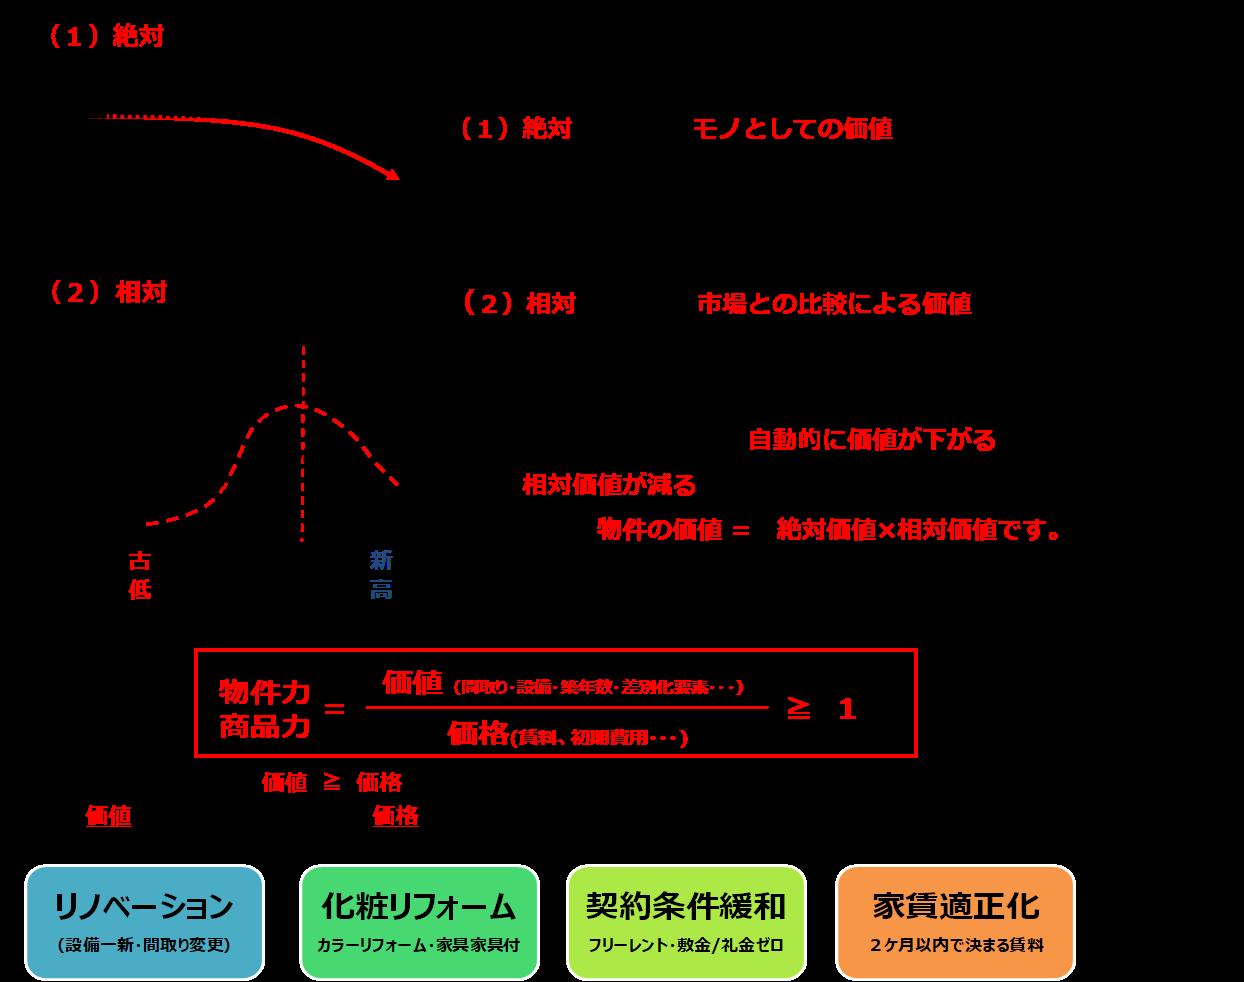 赤羽賃貸経営ブログⅡ(1)